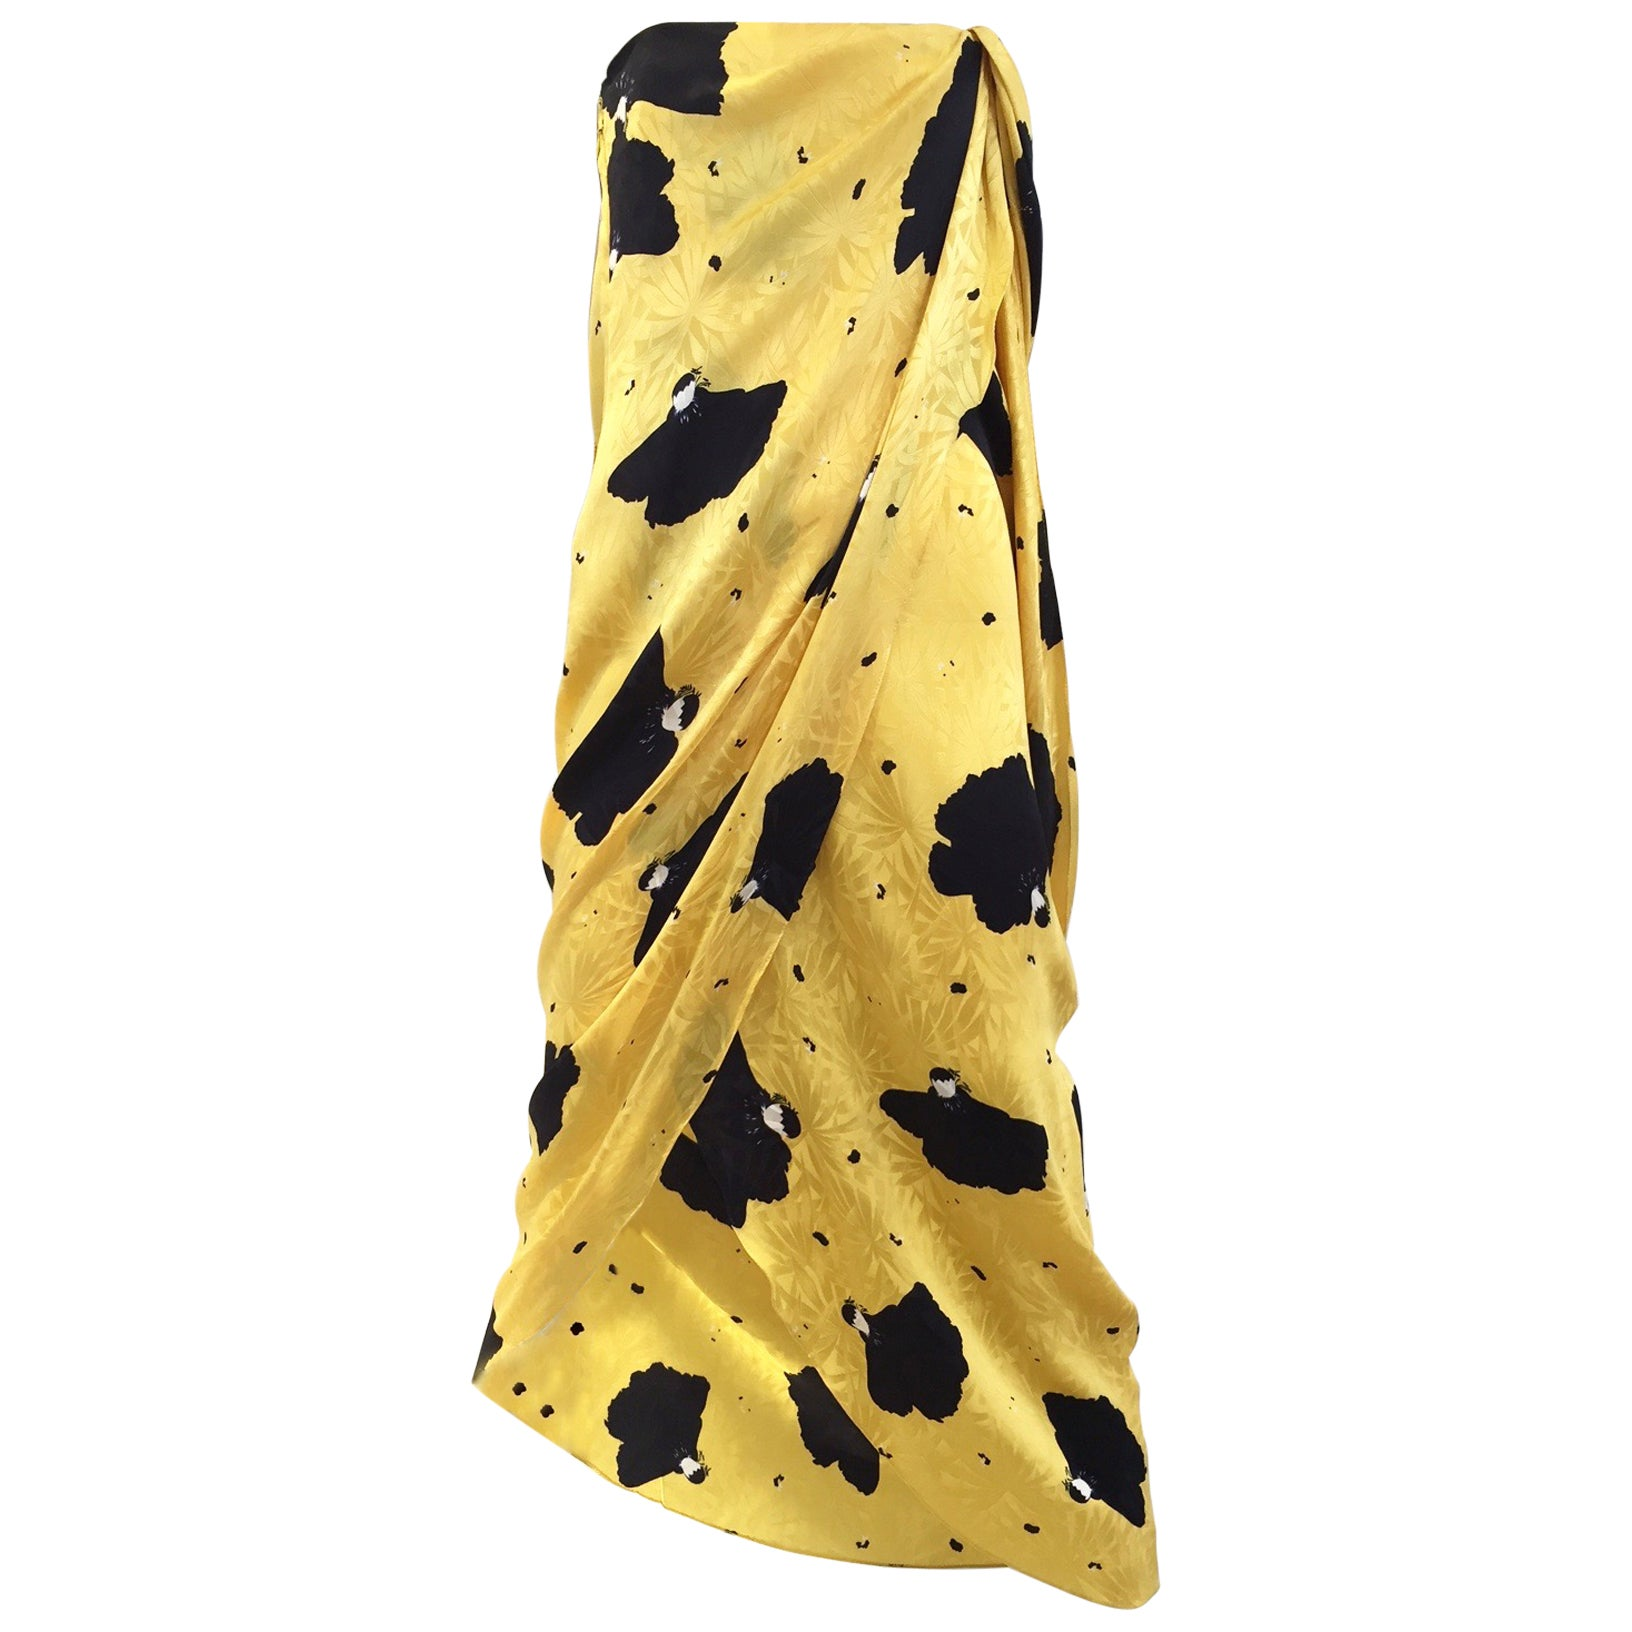 b47fdd2b19 Vintage Bill Blass Yellow and Black Print Silk Dress at 1stdibs